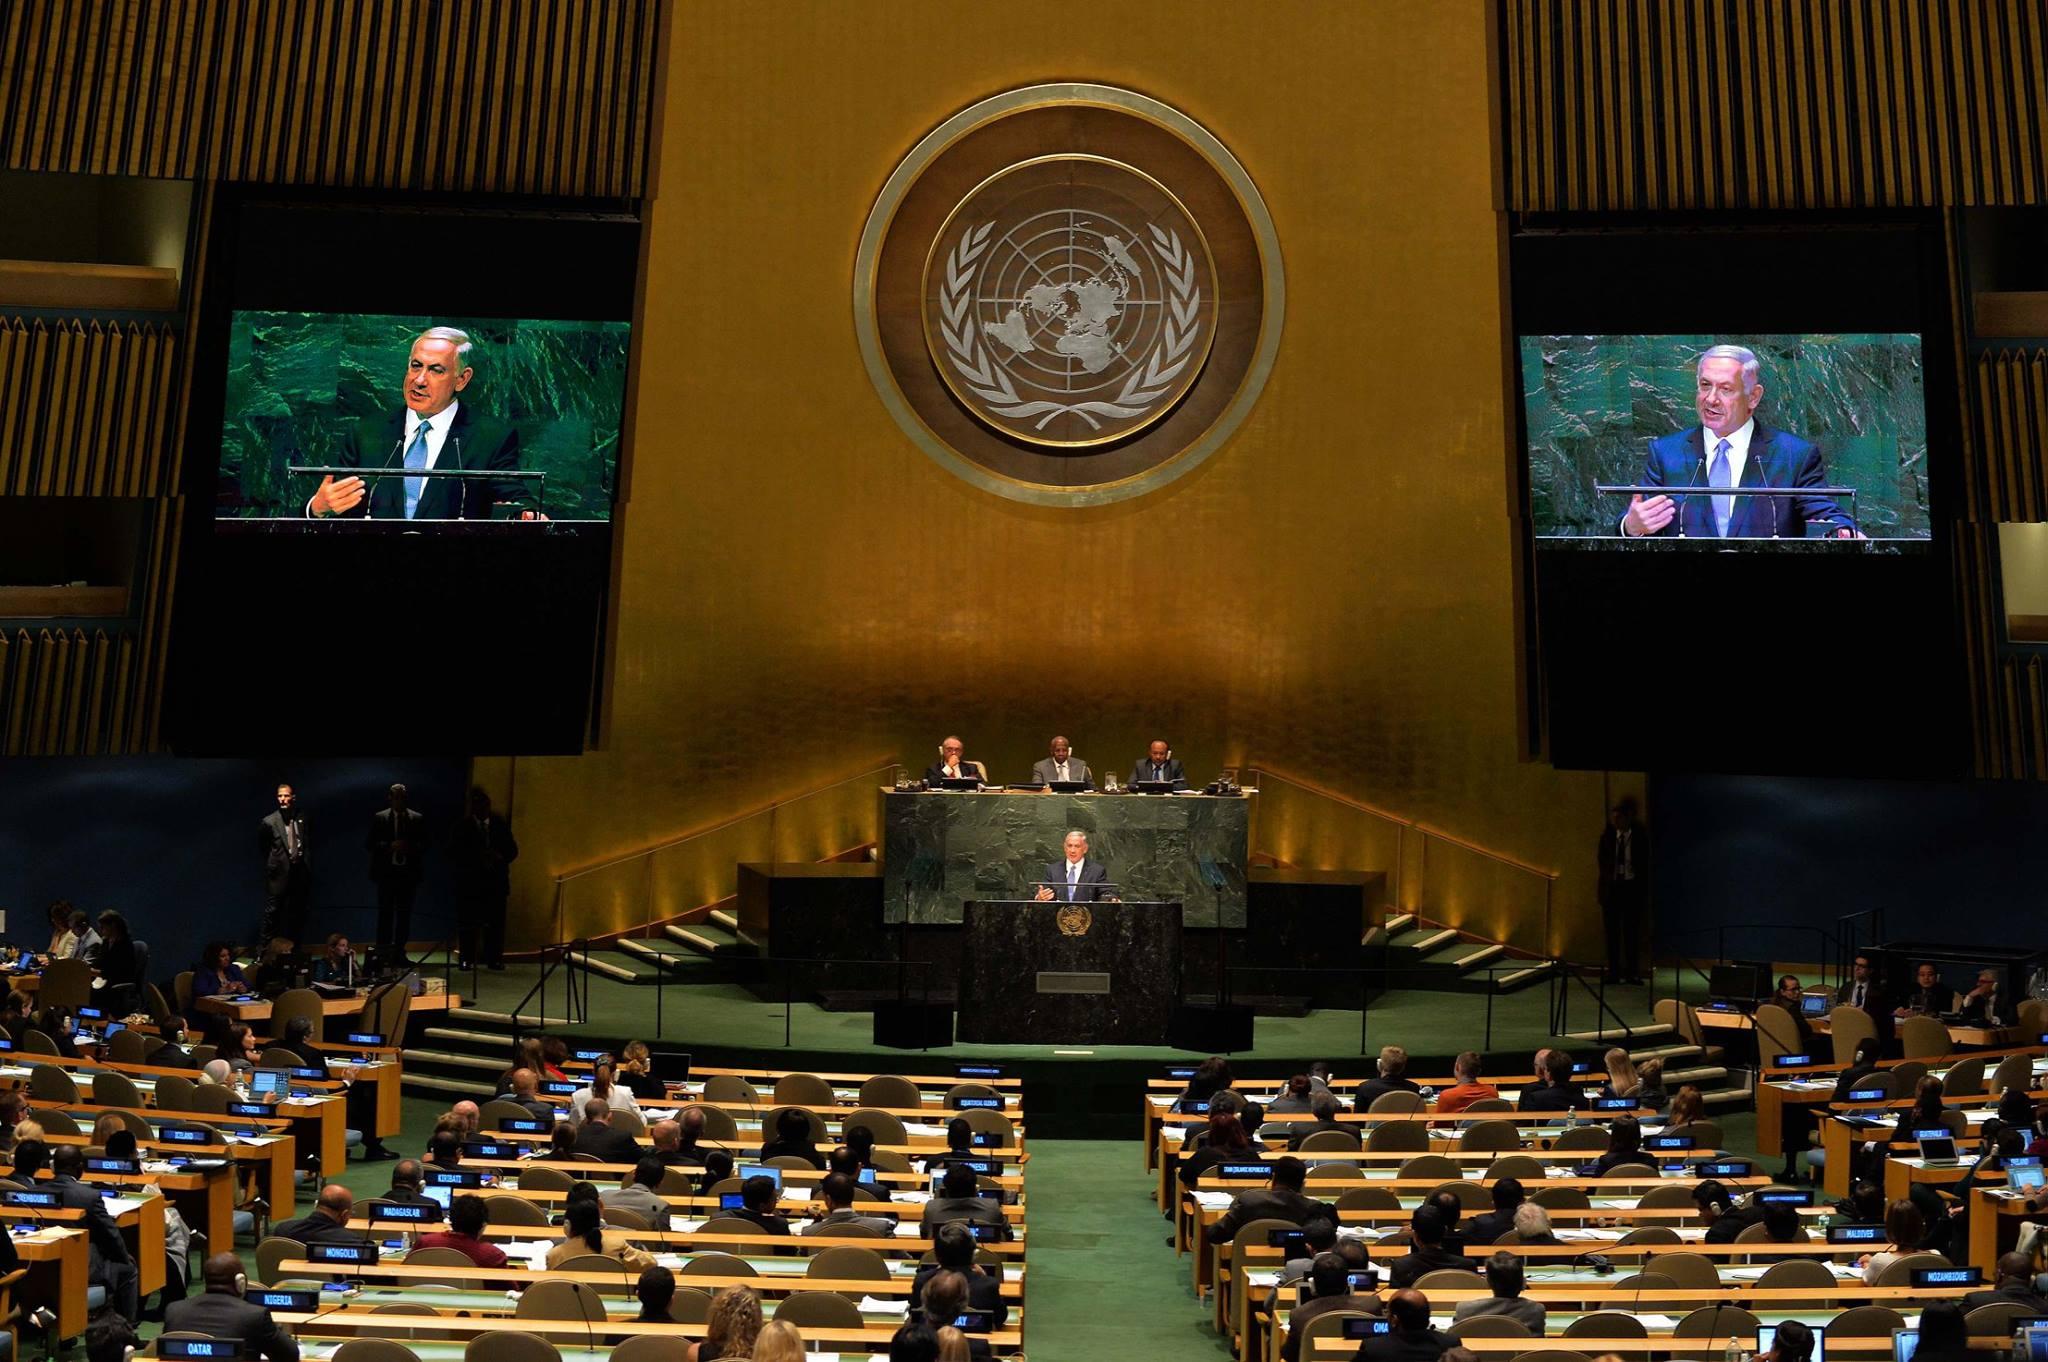 """נאום ראש הממשלה בנימין נתניהו בעצרת הכללית של האו""""ם. צילום: אבי אוחיון, לע""""מ"""